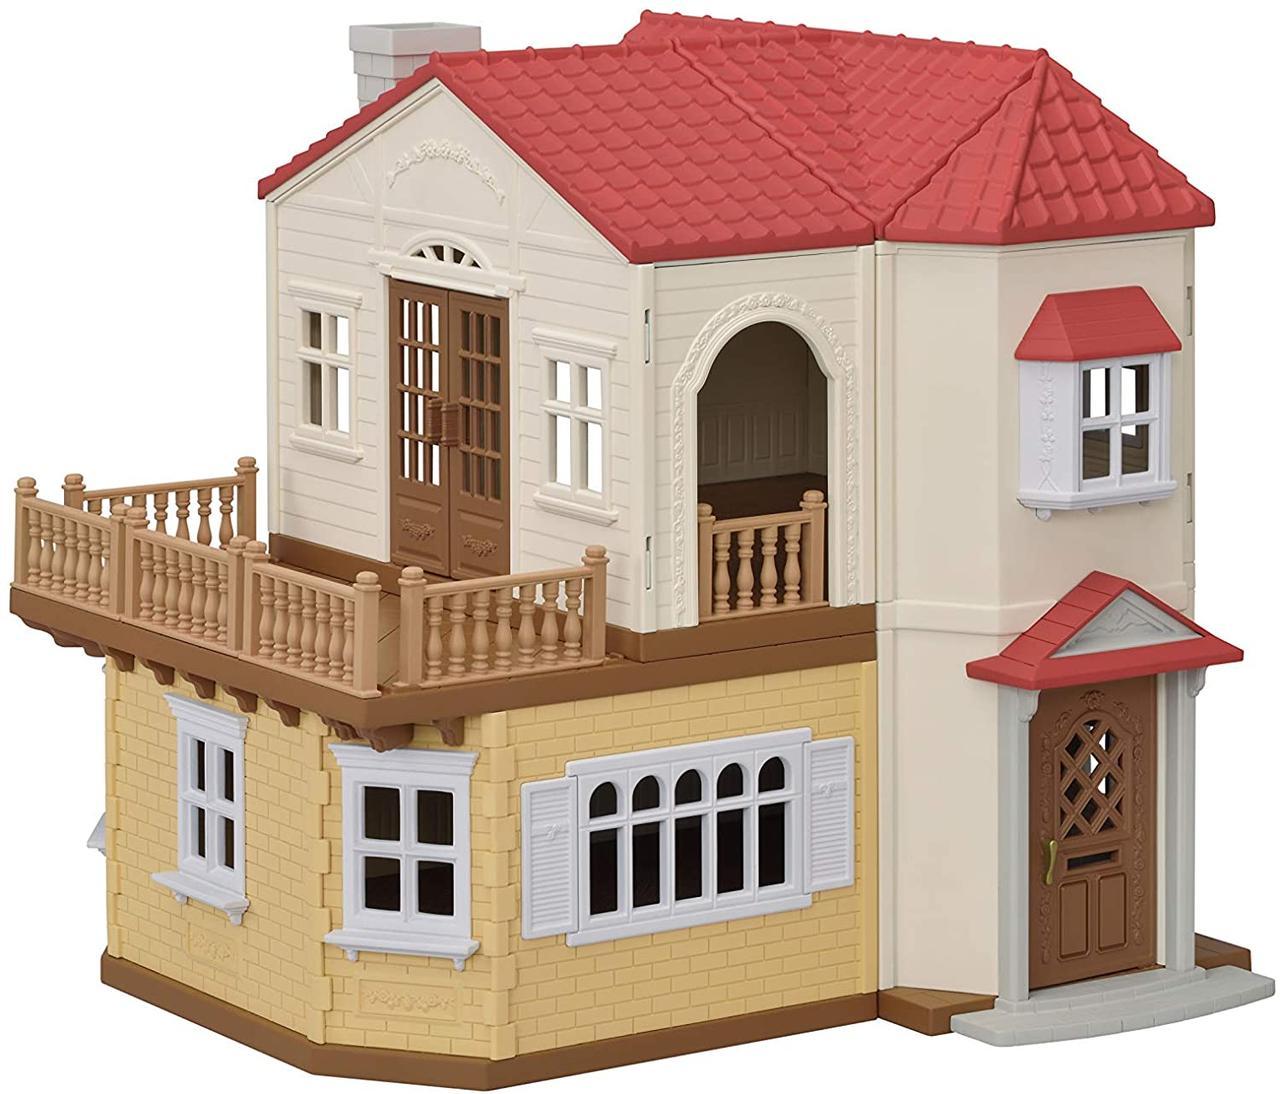 Sylvanian Families Заміський будинок з червоним дахом зі світлом 5480